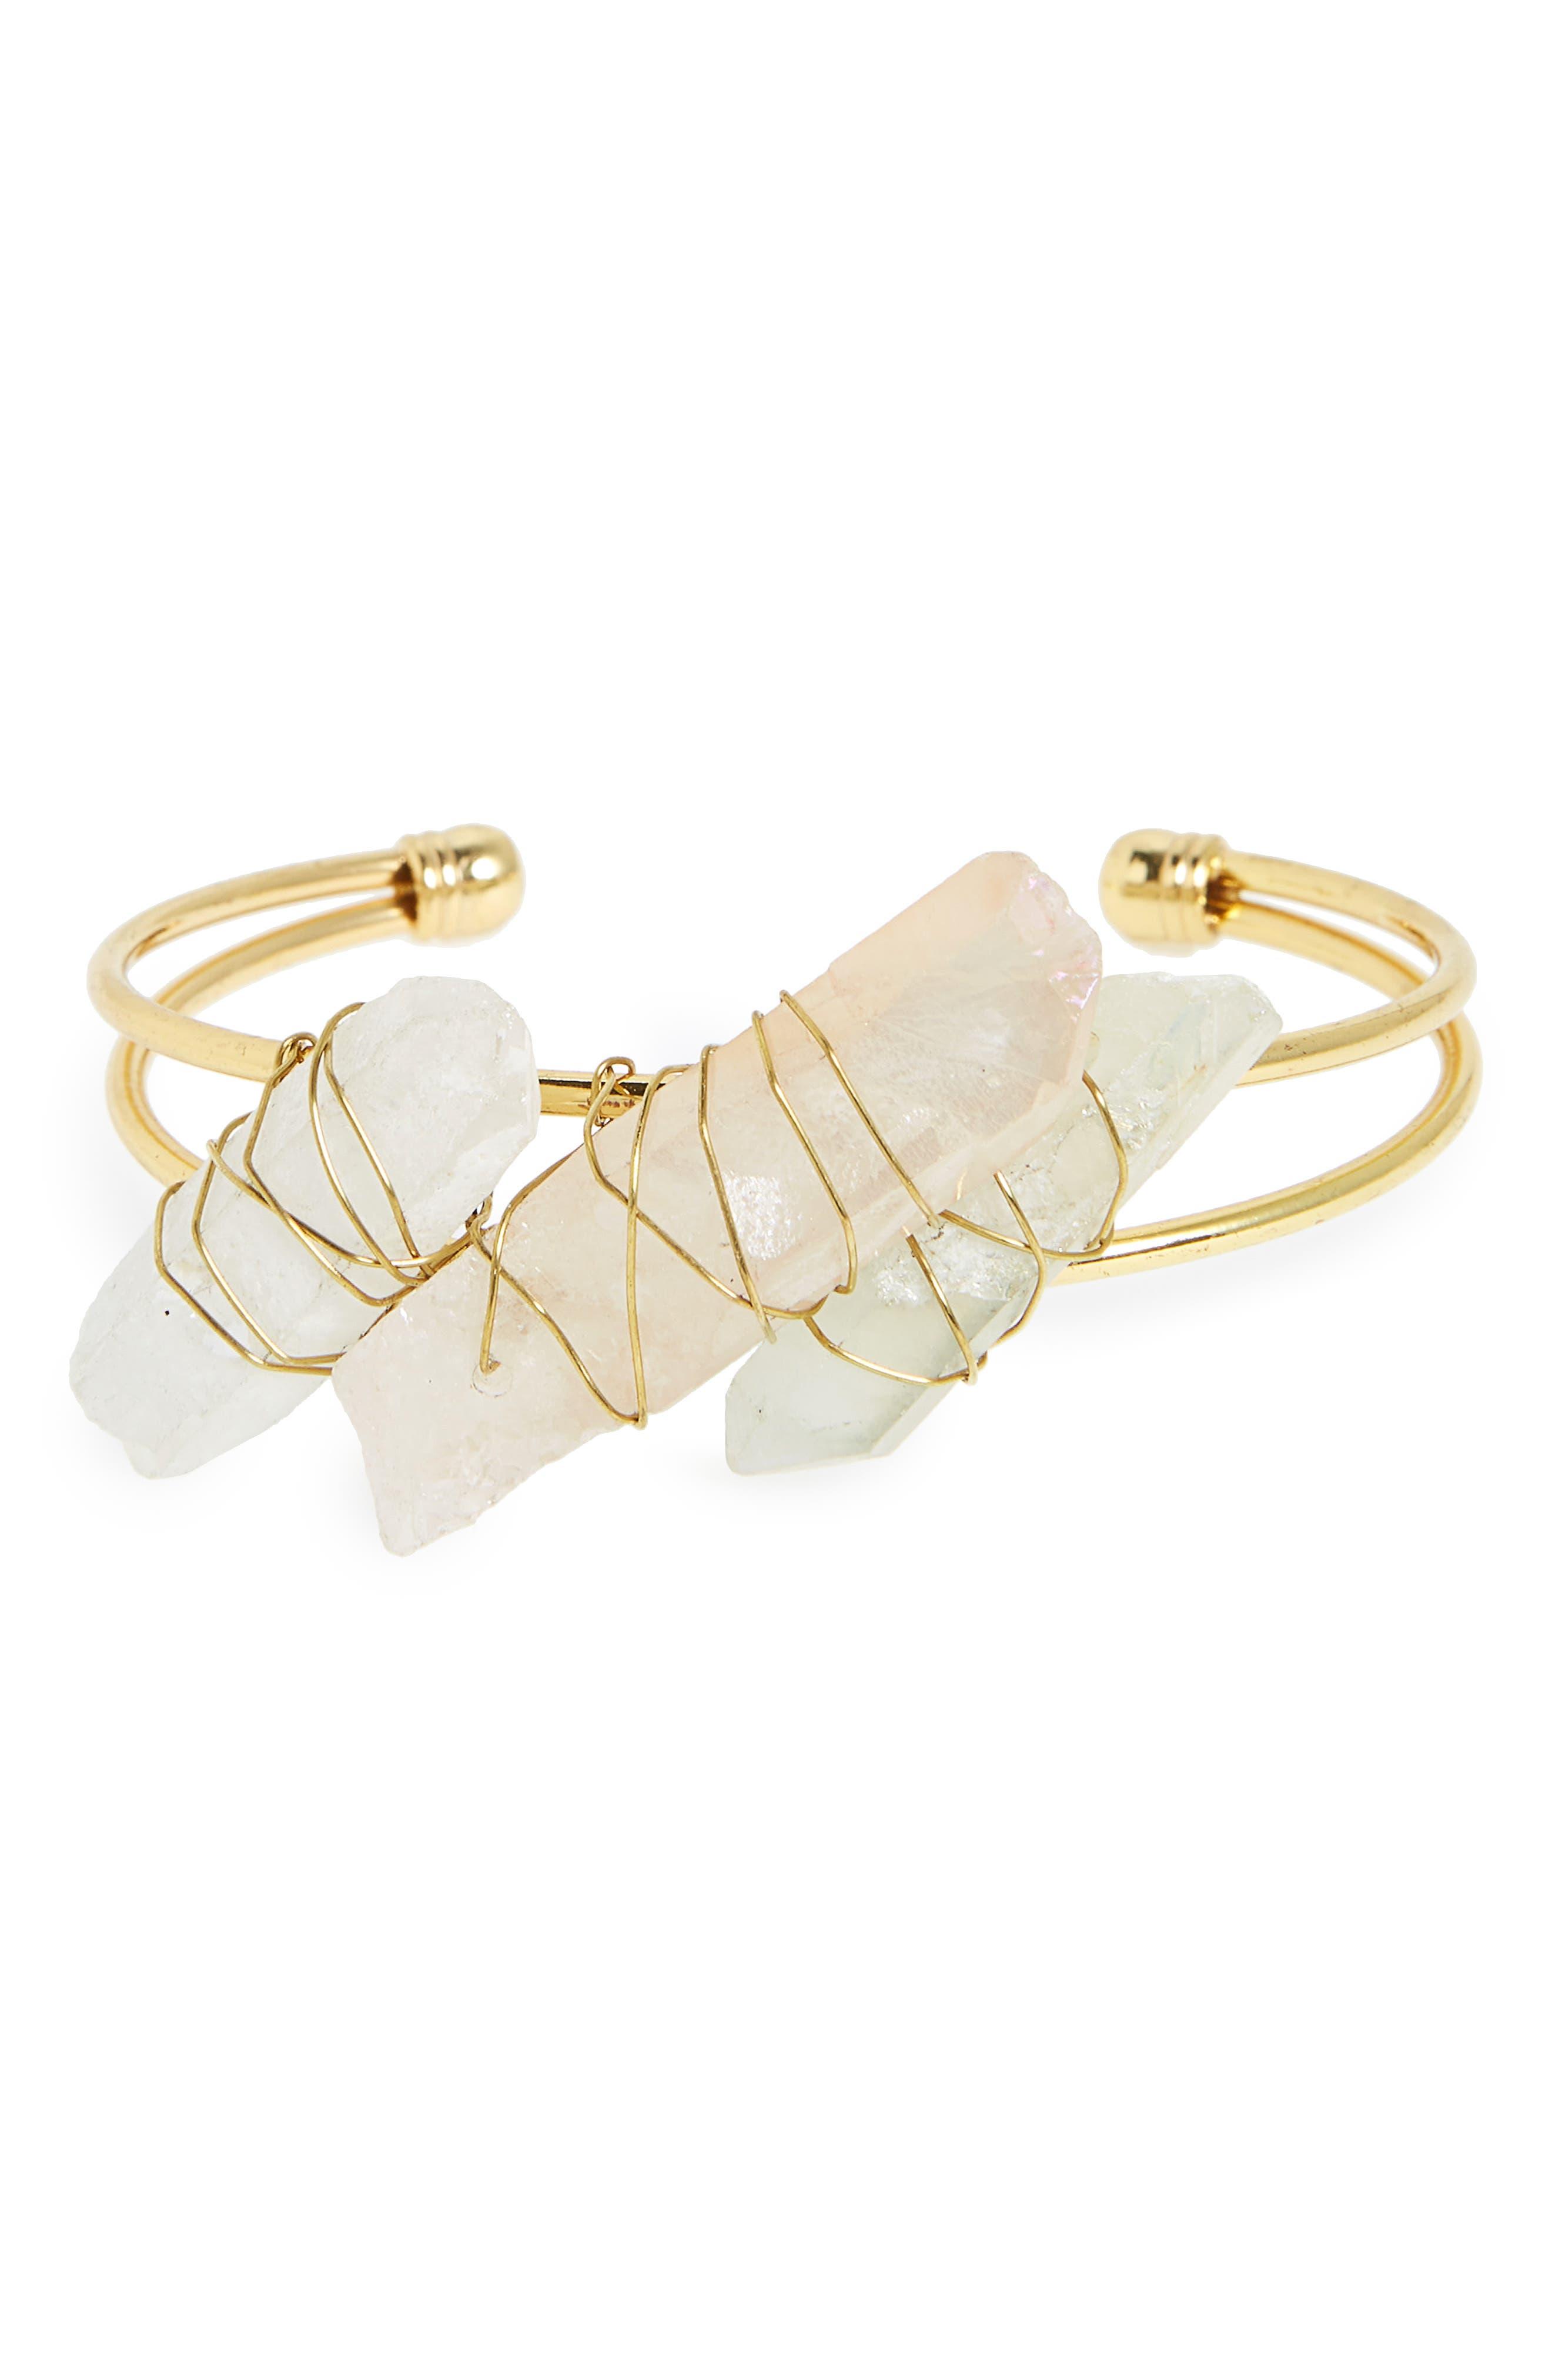 Pyrite Cuff Bracelet,                             Main thumbnail 1, color,